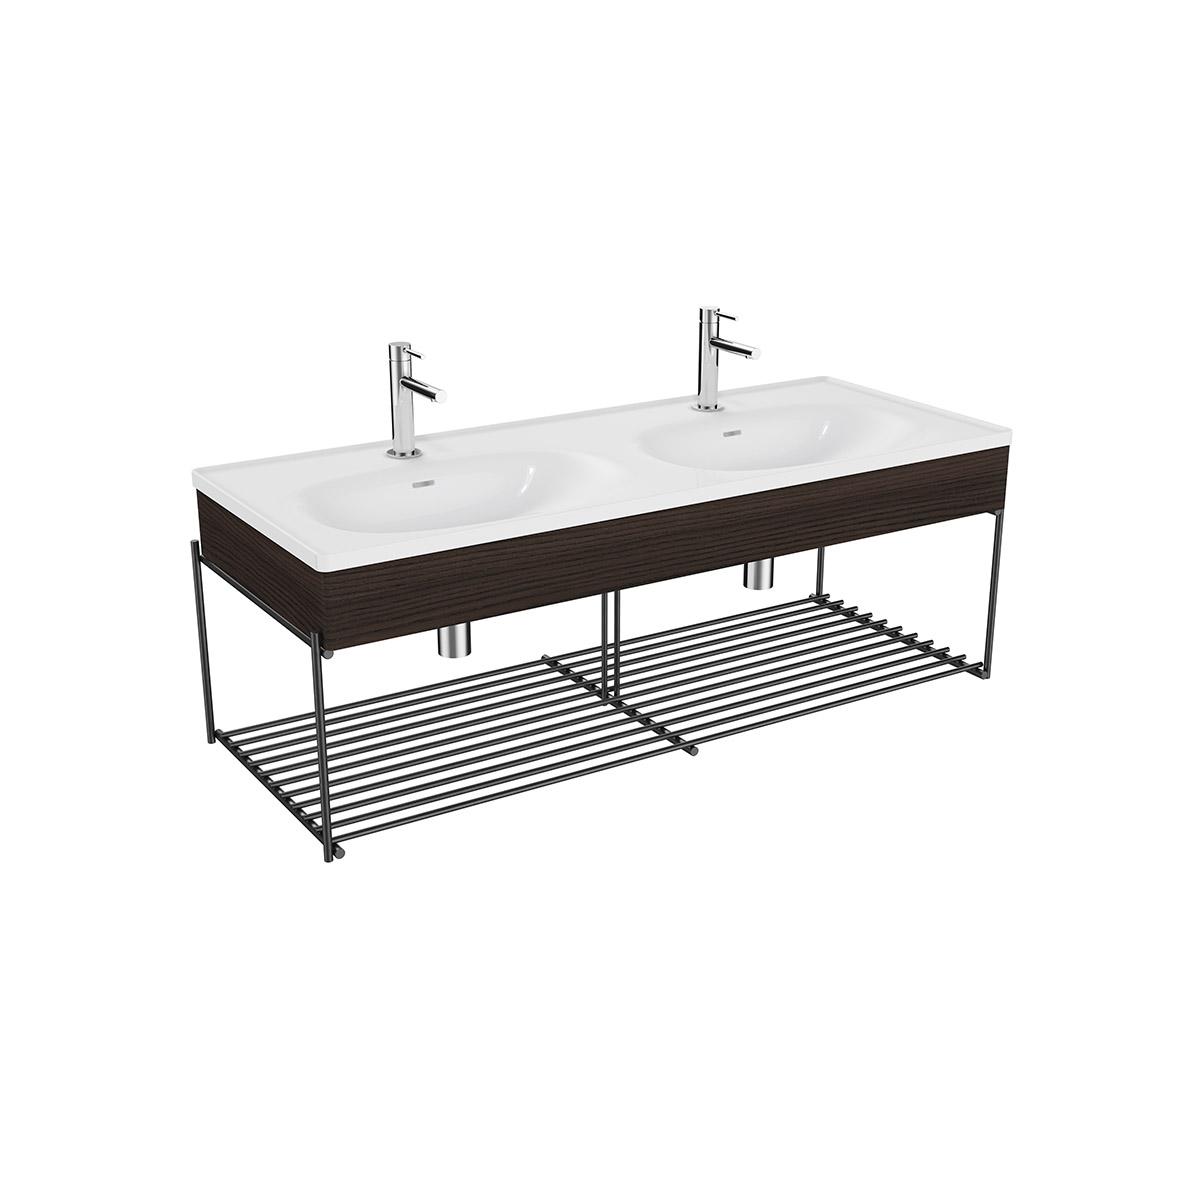 Equal Set Doppelwaschtisch, 130 cm, mit Holzblende und Ablagegitter, Weiß Hochglanz/Ulme